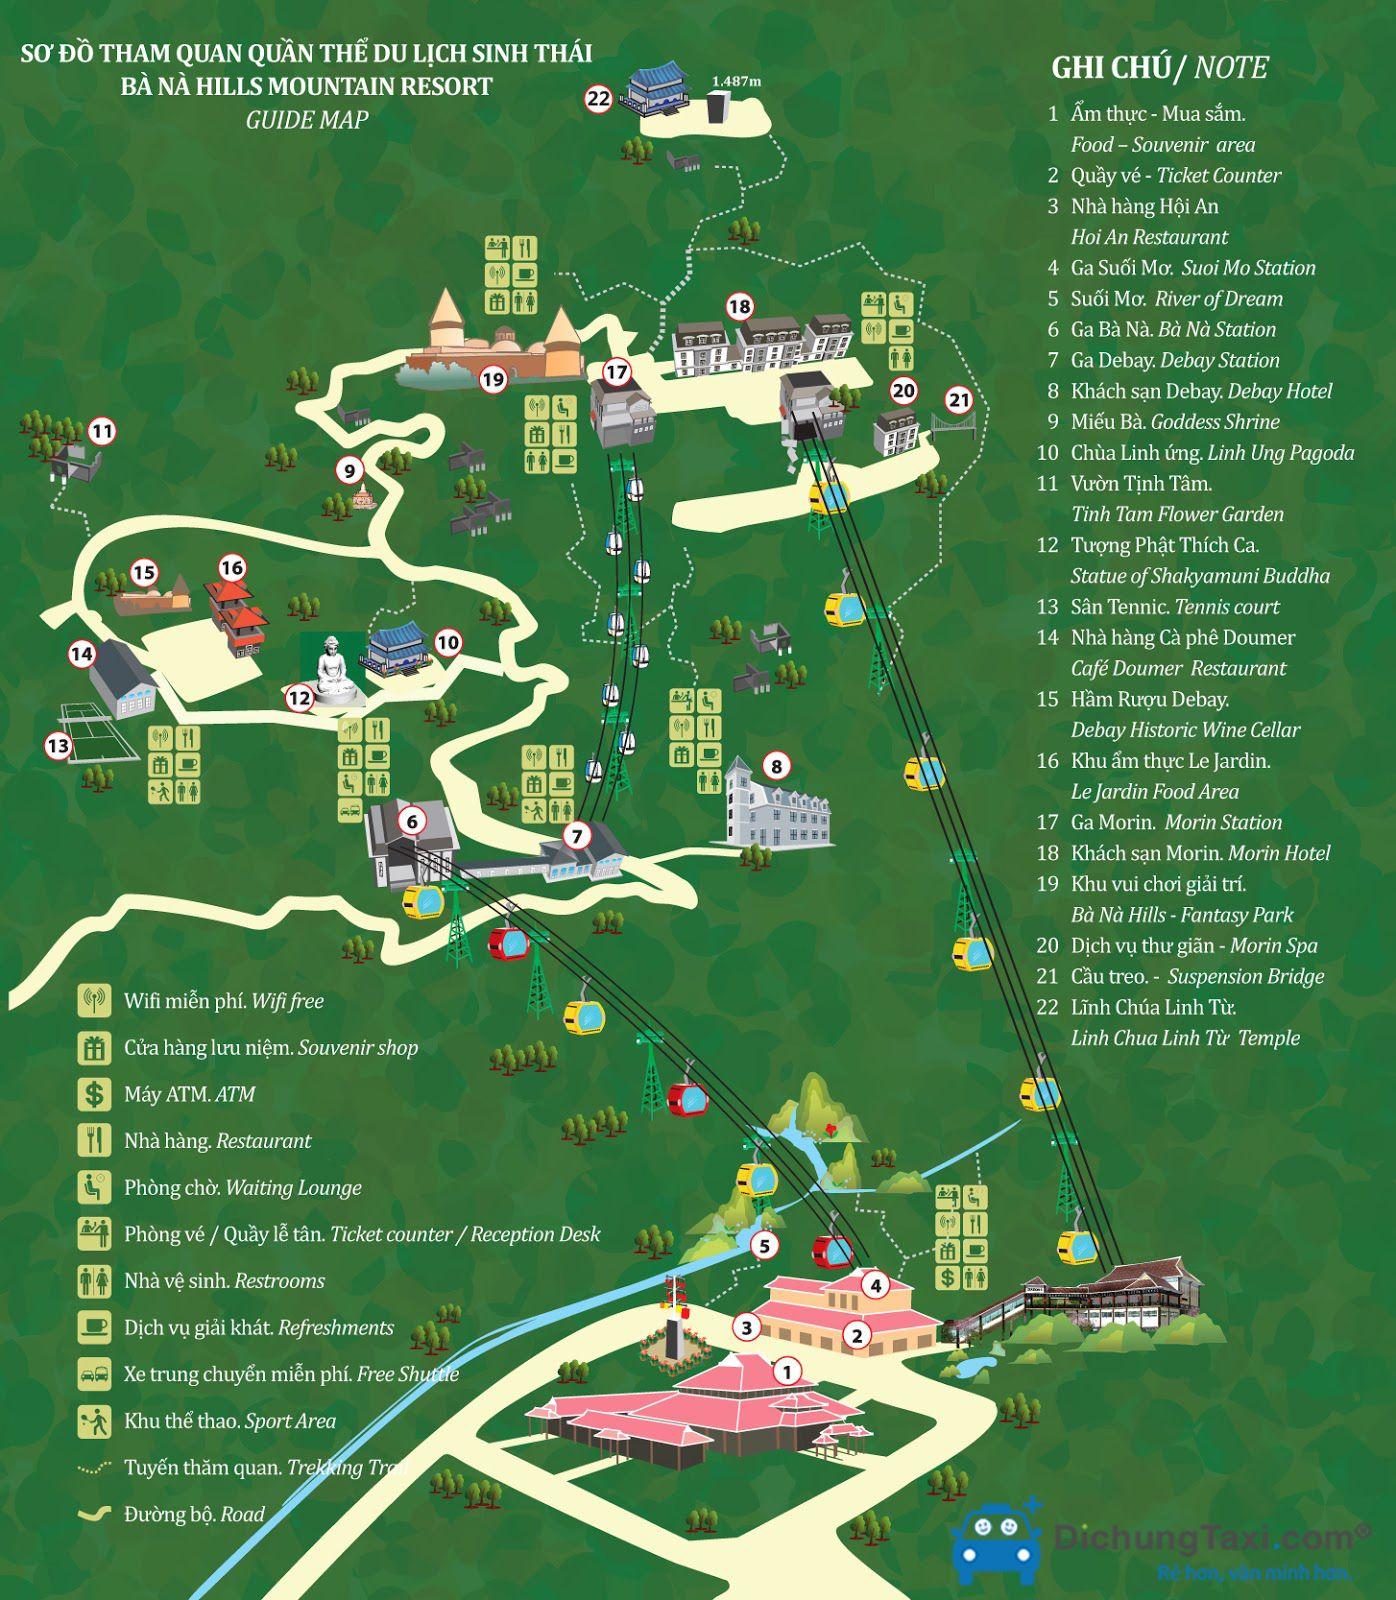 Bản đồ du lịch Bà Nà Hills - Đà Nẵng